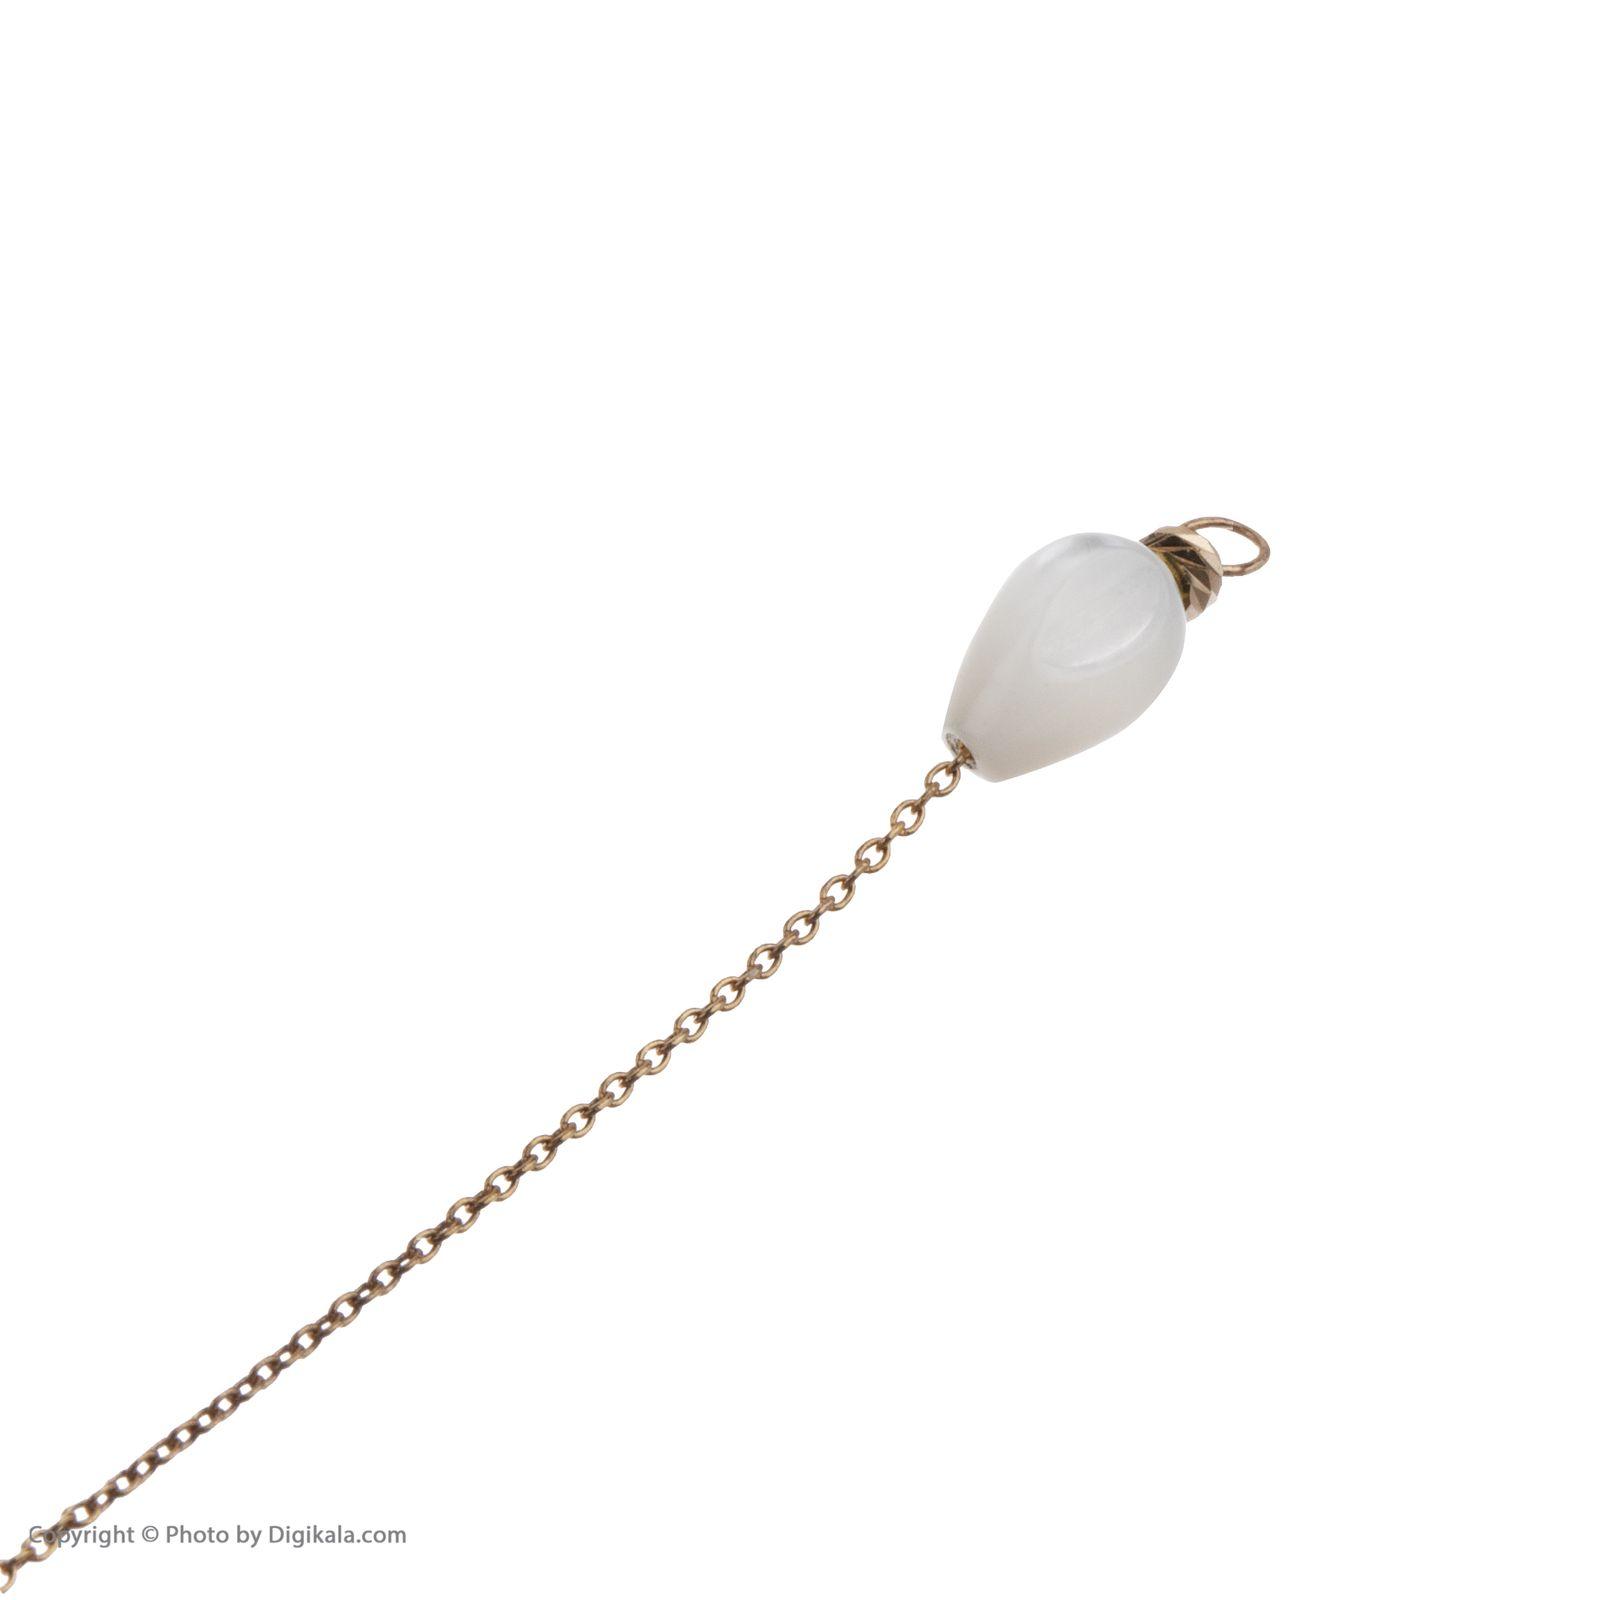 گوشواره طلا 18 عیار زنانه مایا ماهک مدل ME0852 -  - 6